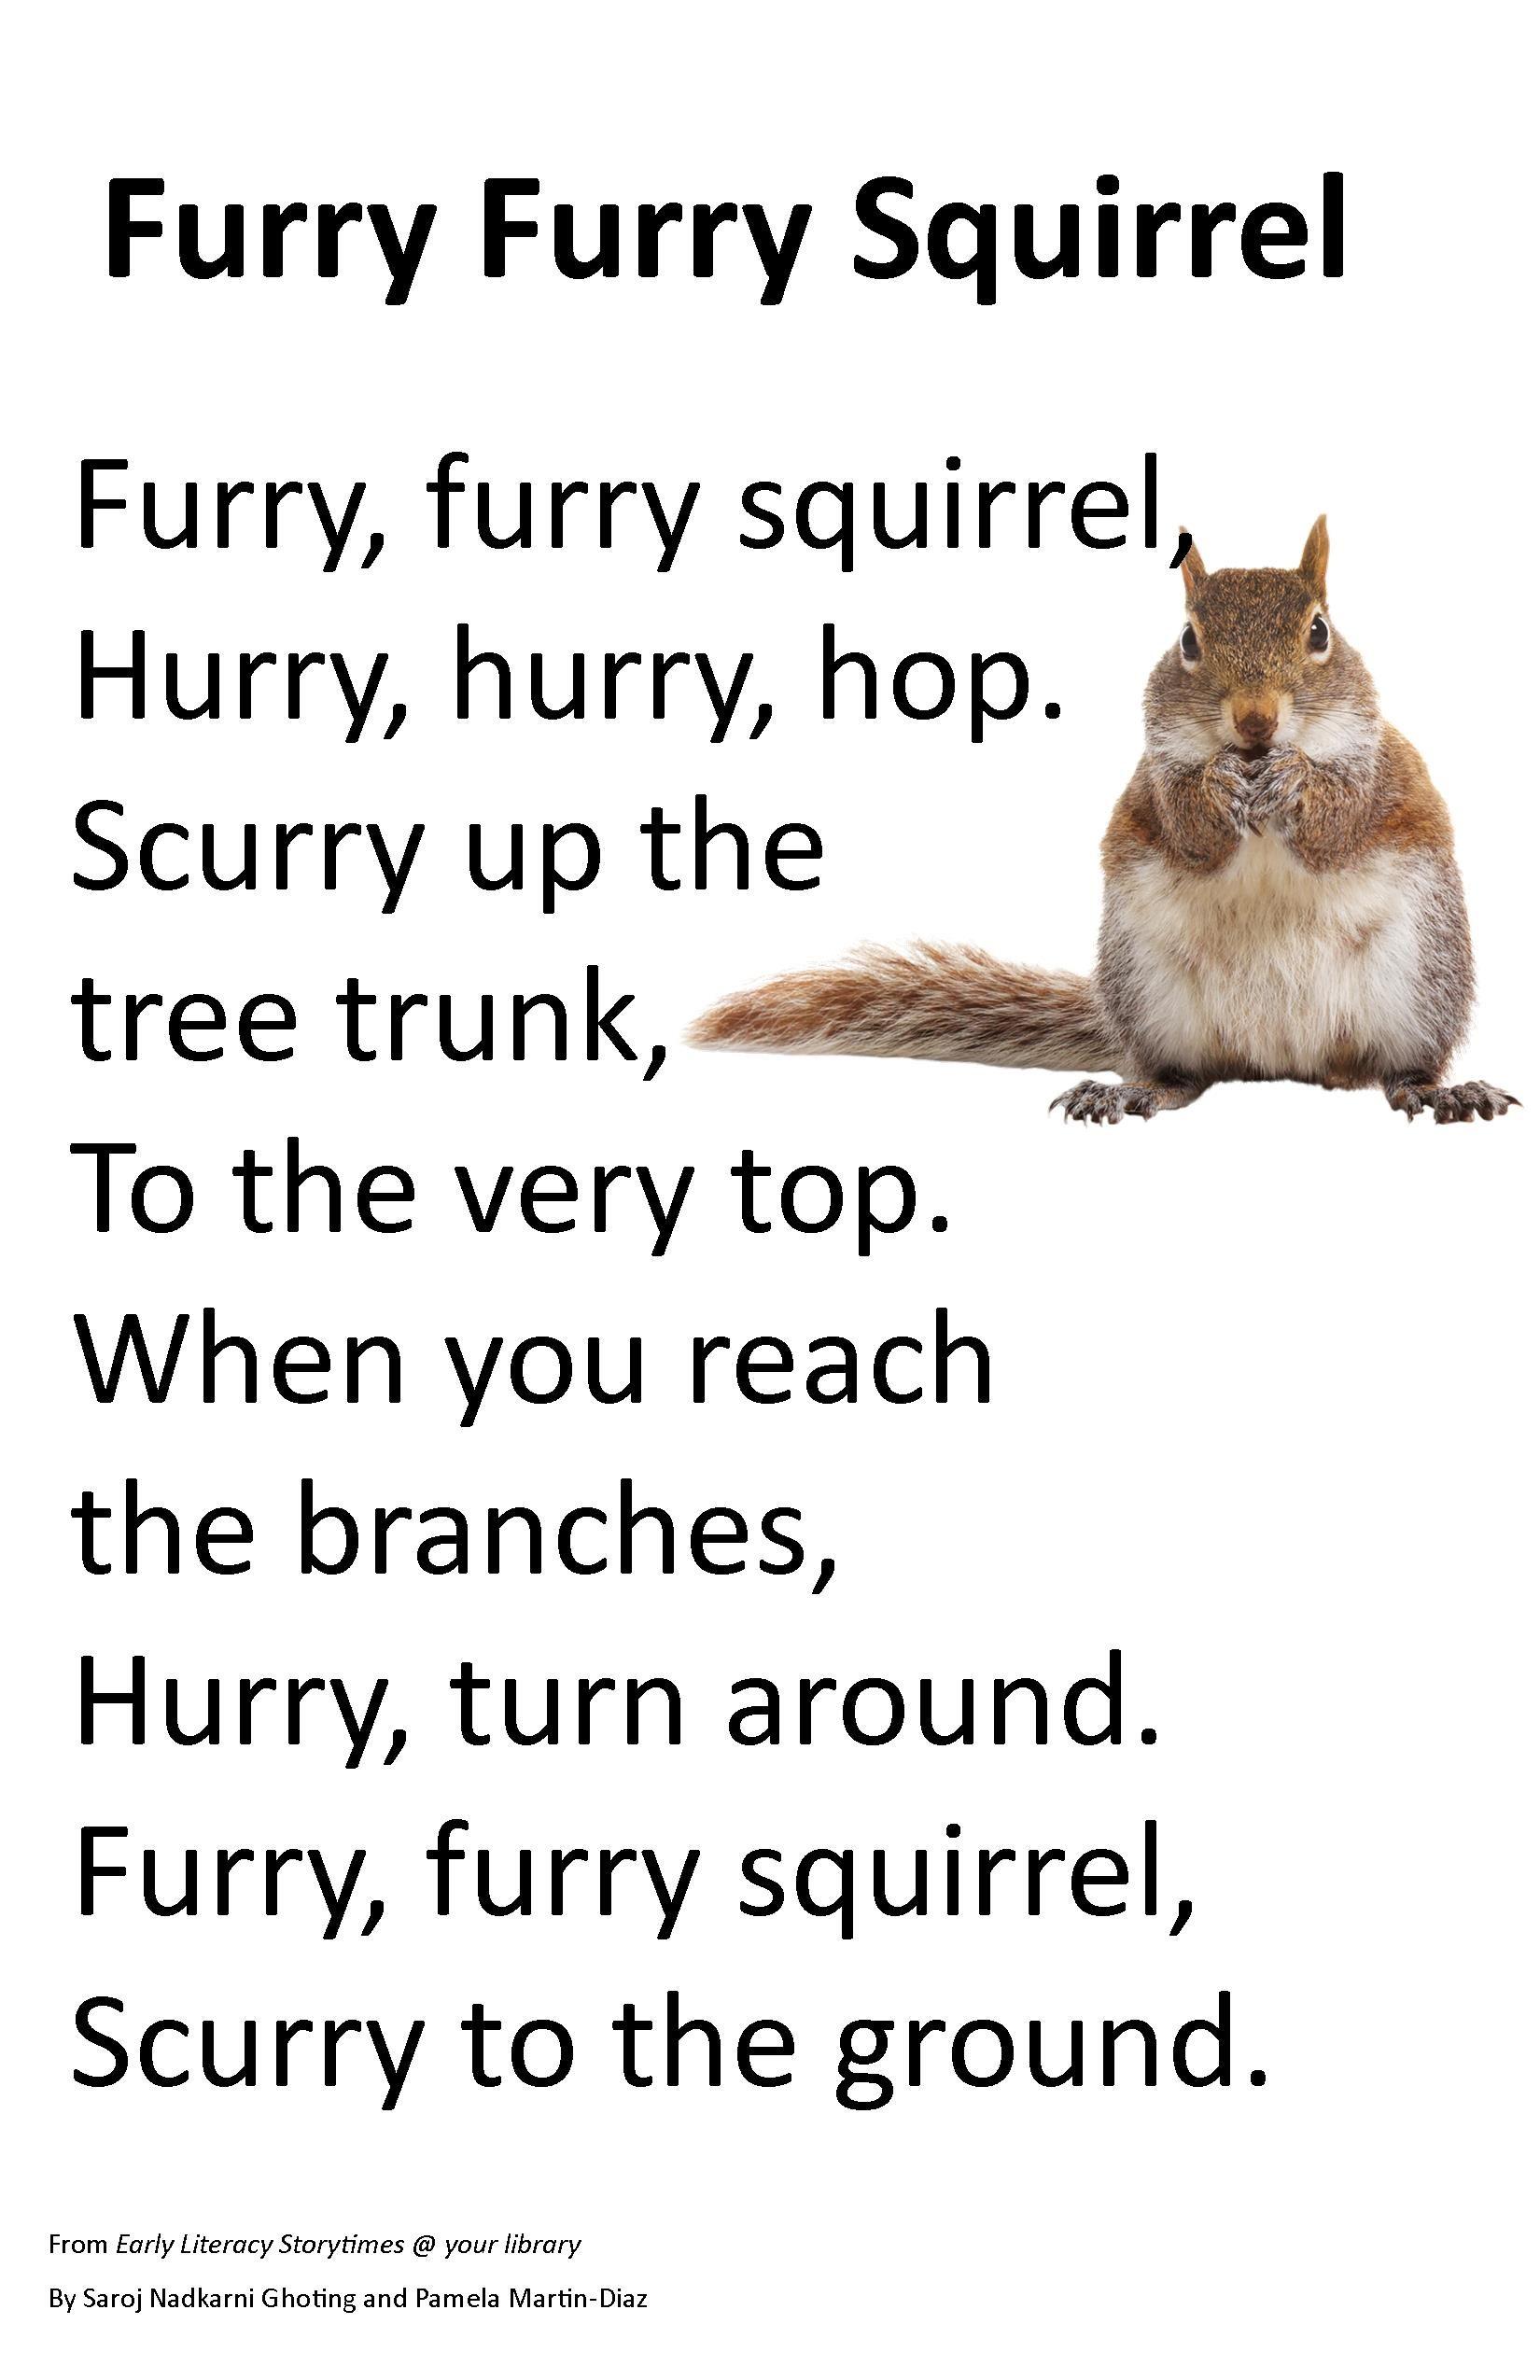 Itty Bitty Rhyme Furry Furry Squirrel